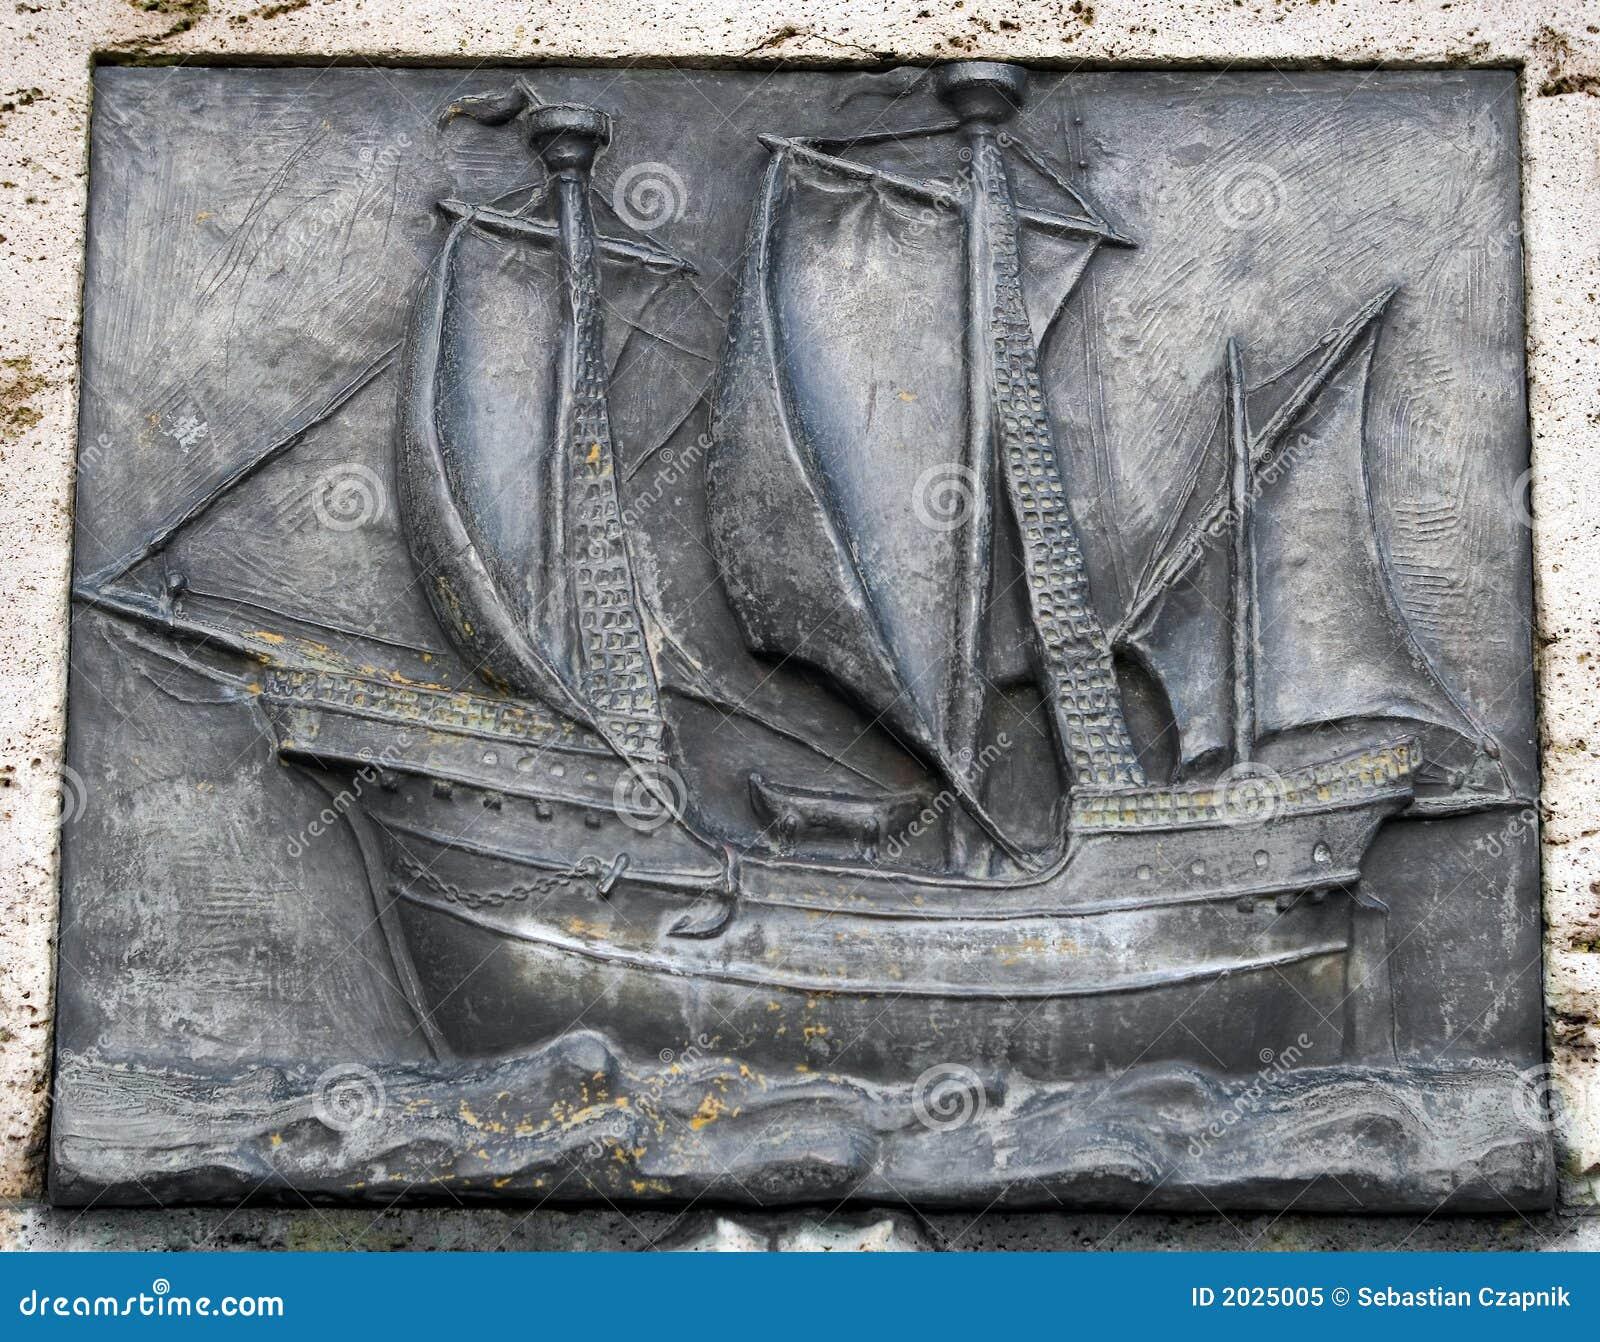 Oud, vlak beeldhouwwerk van een schip,